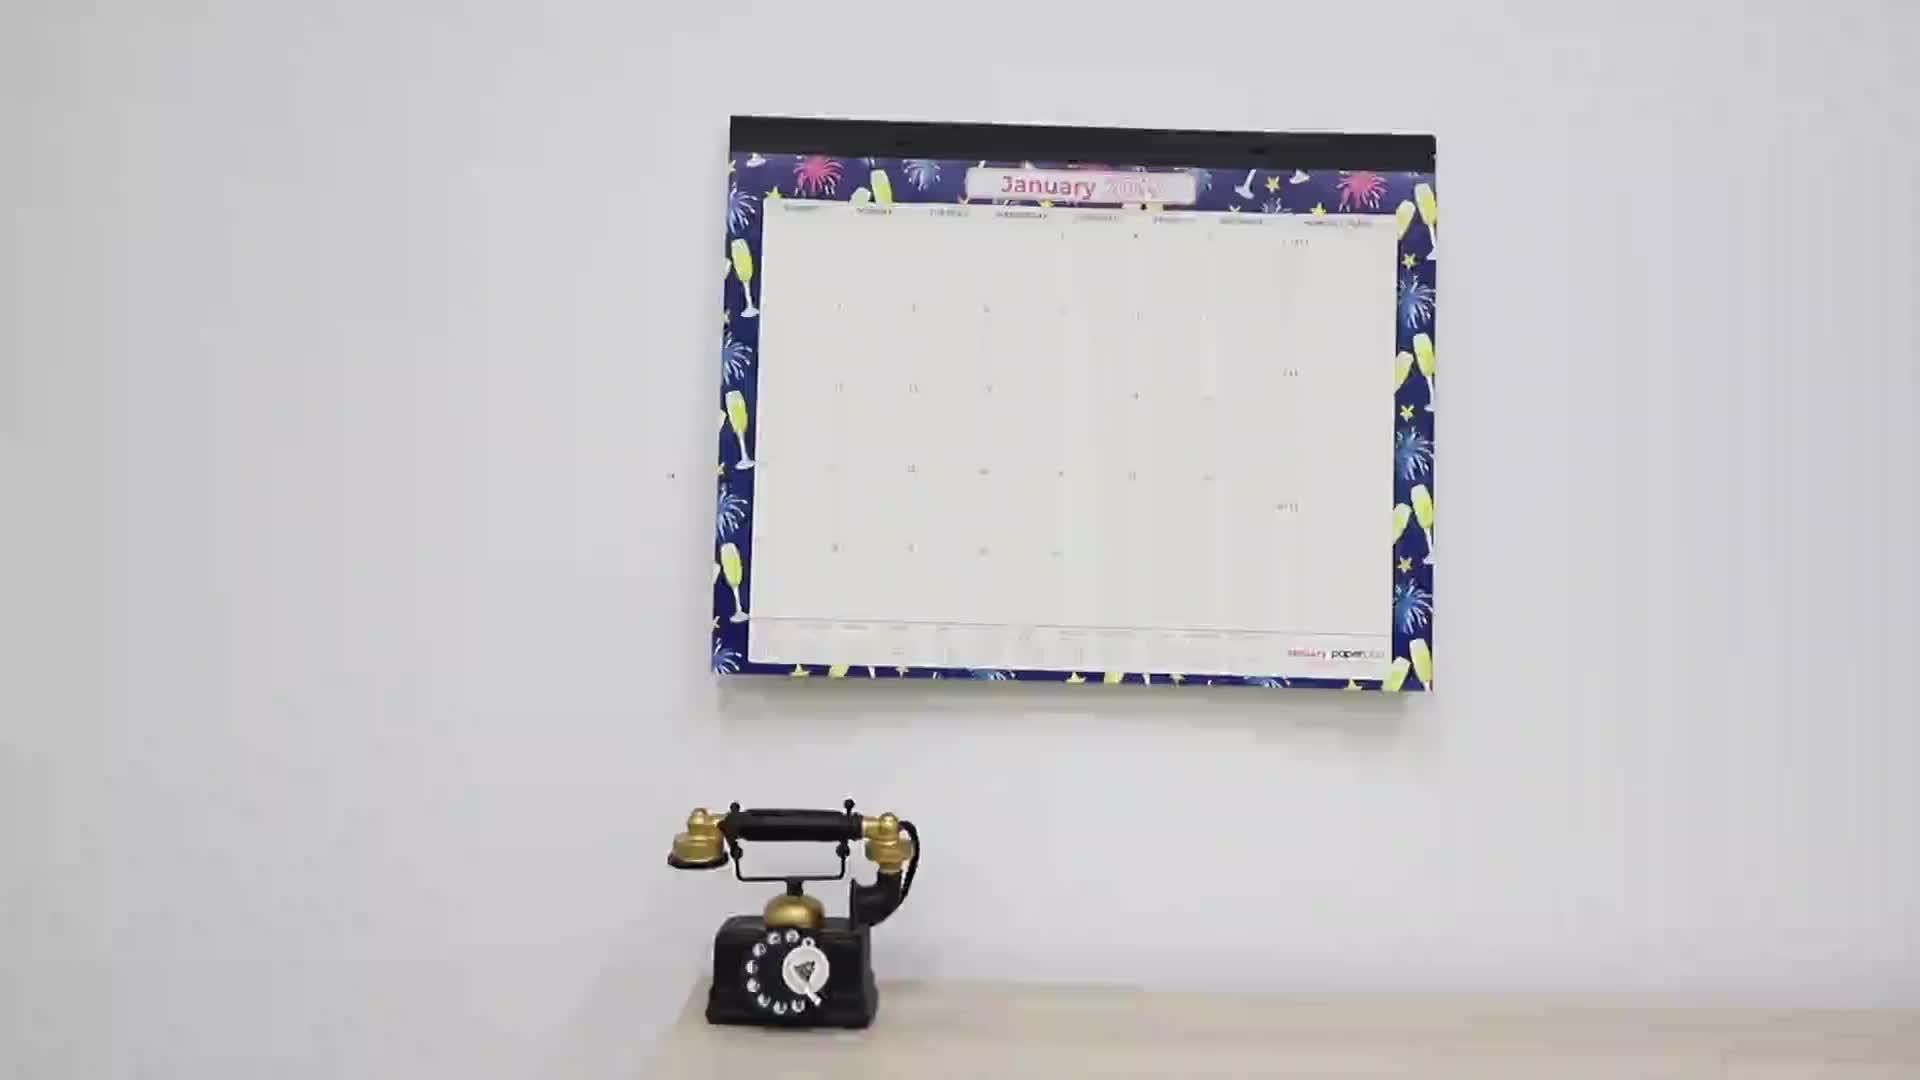 Amazon Vendita Calda 2019 Annuale Mensile Scrivania Pad Calendario 22 ''X 17'' Della Parete Planner Ad Angolo In Pelle Tavolo Planner stampa del calendario